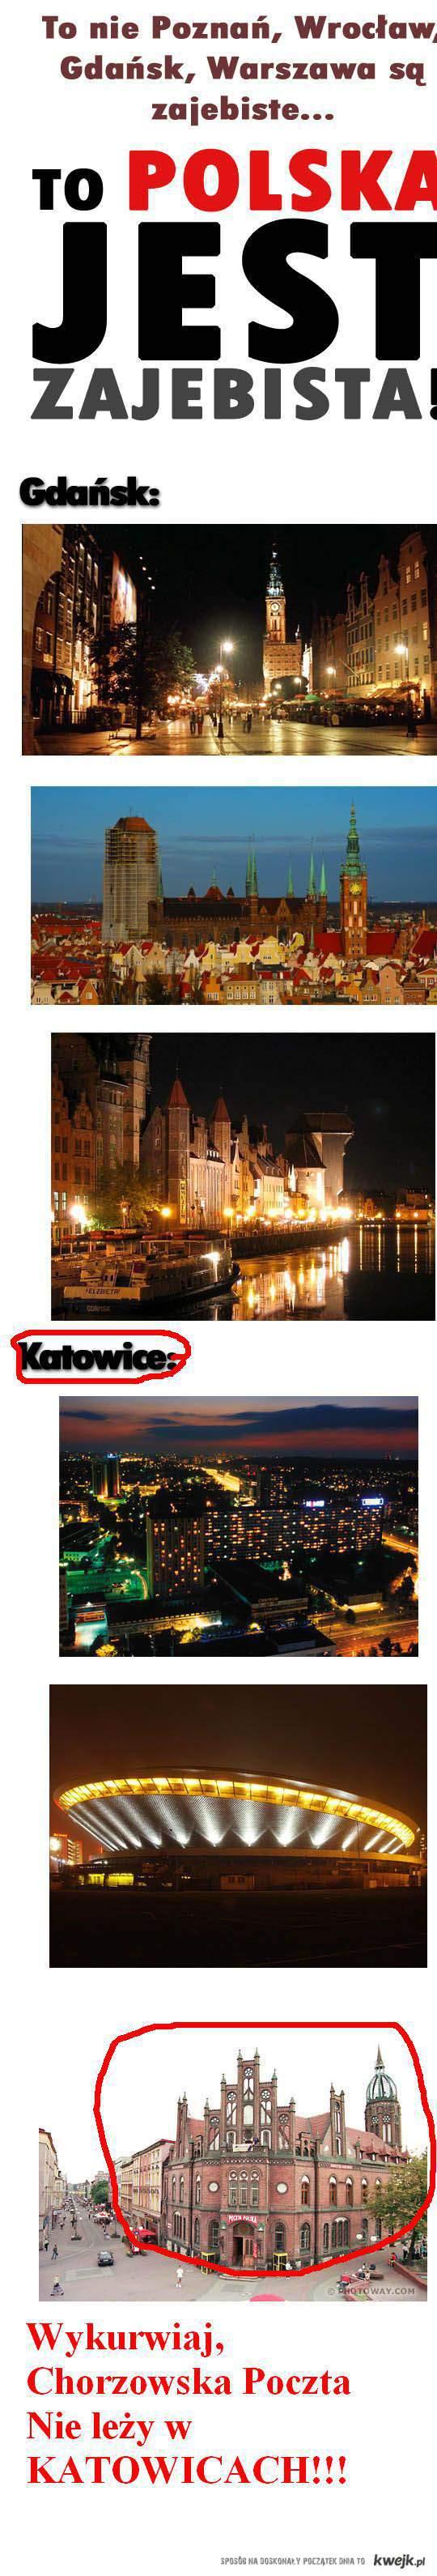 Chorzów =/= Kato